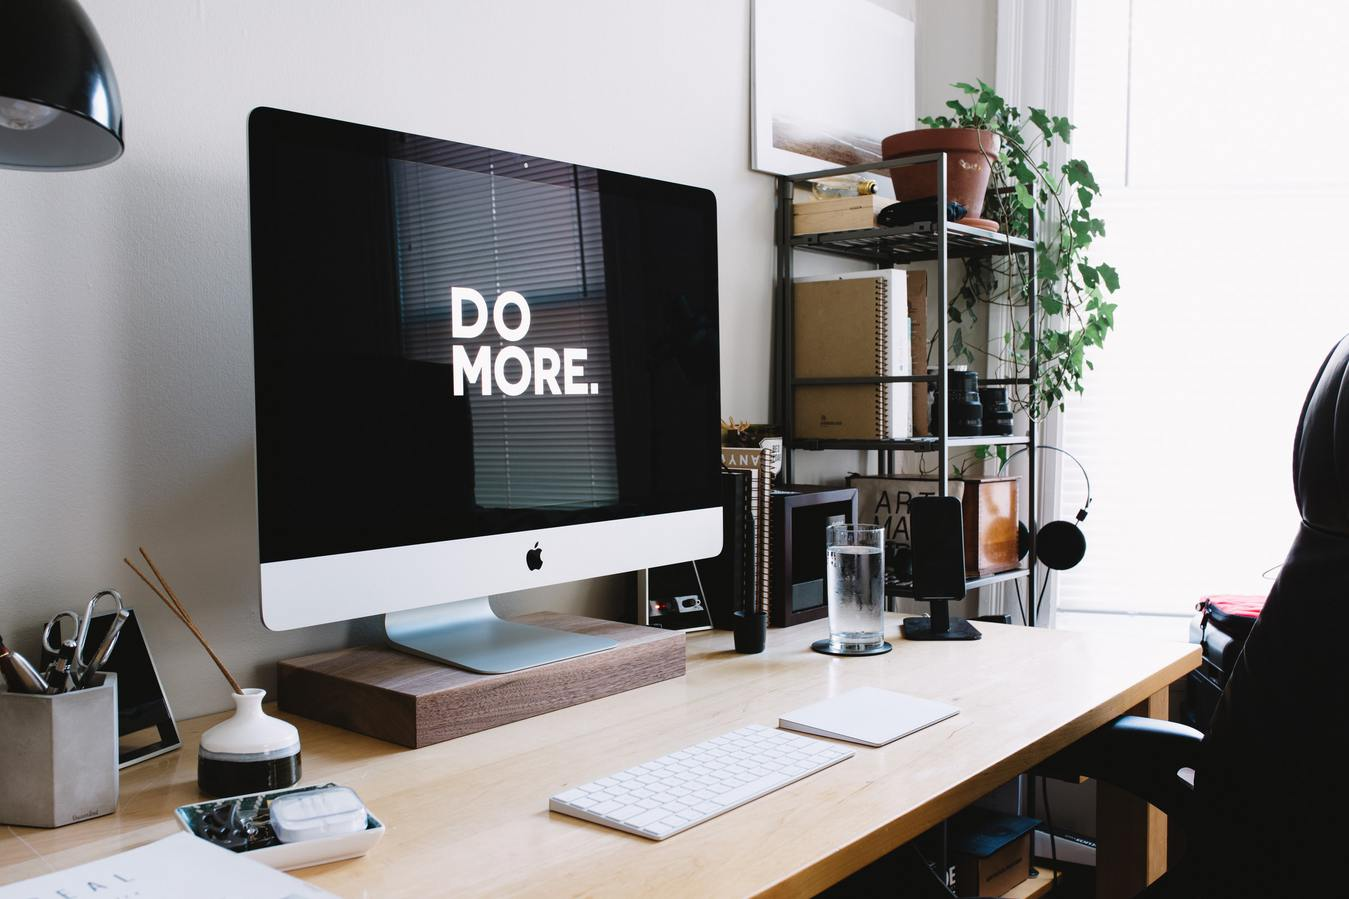 iMac en un escritorio con algunos estantes